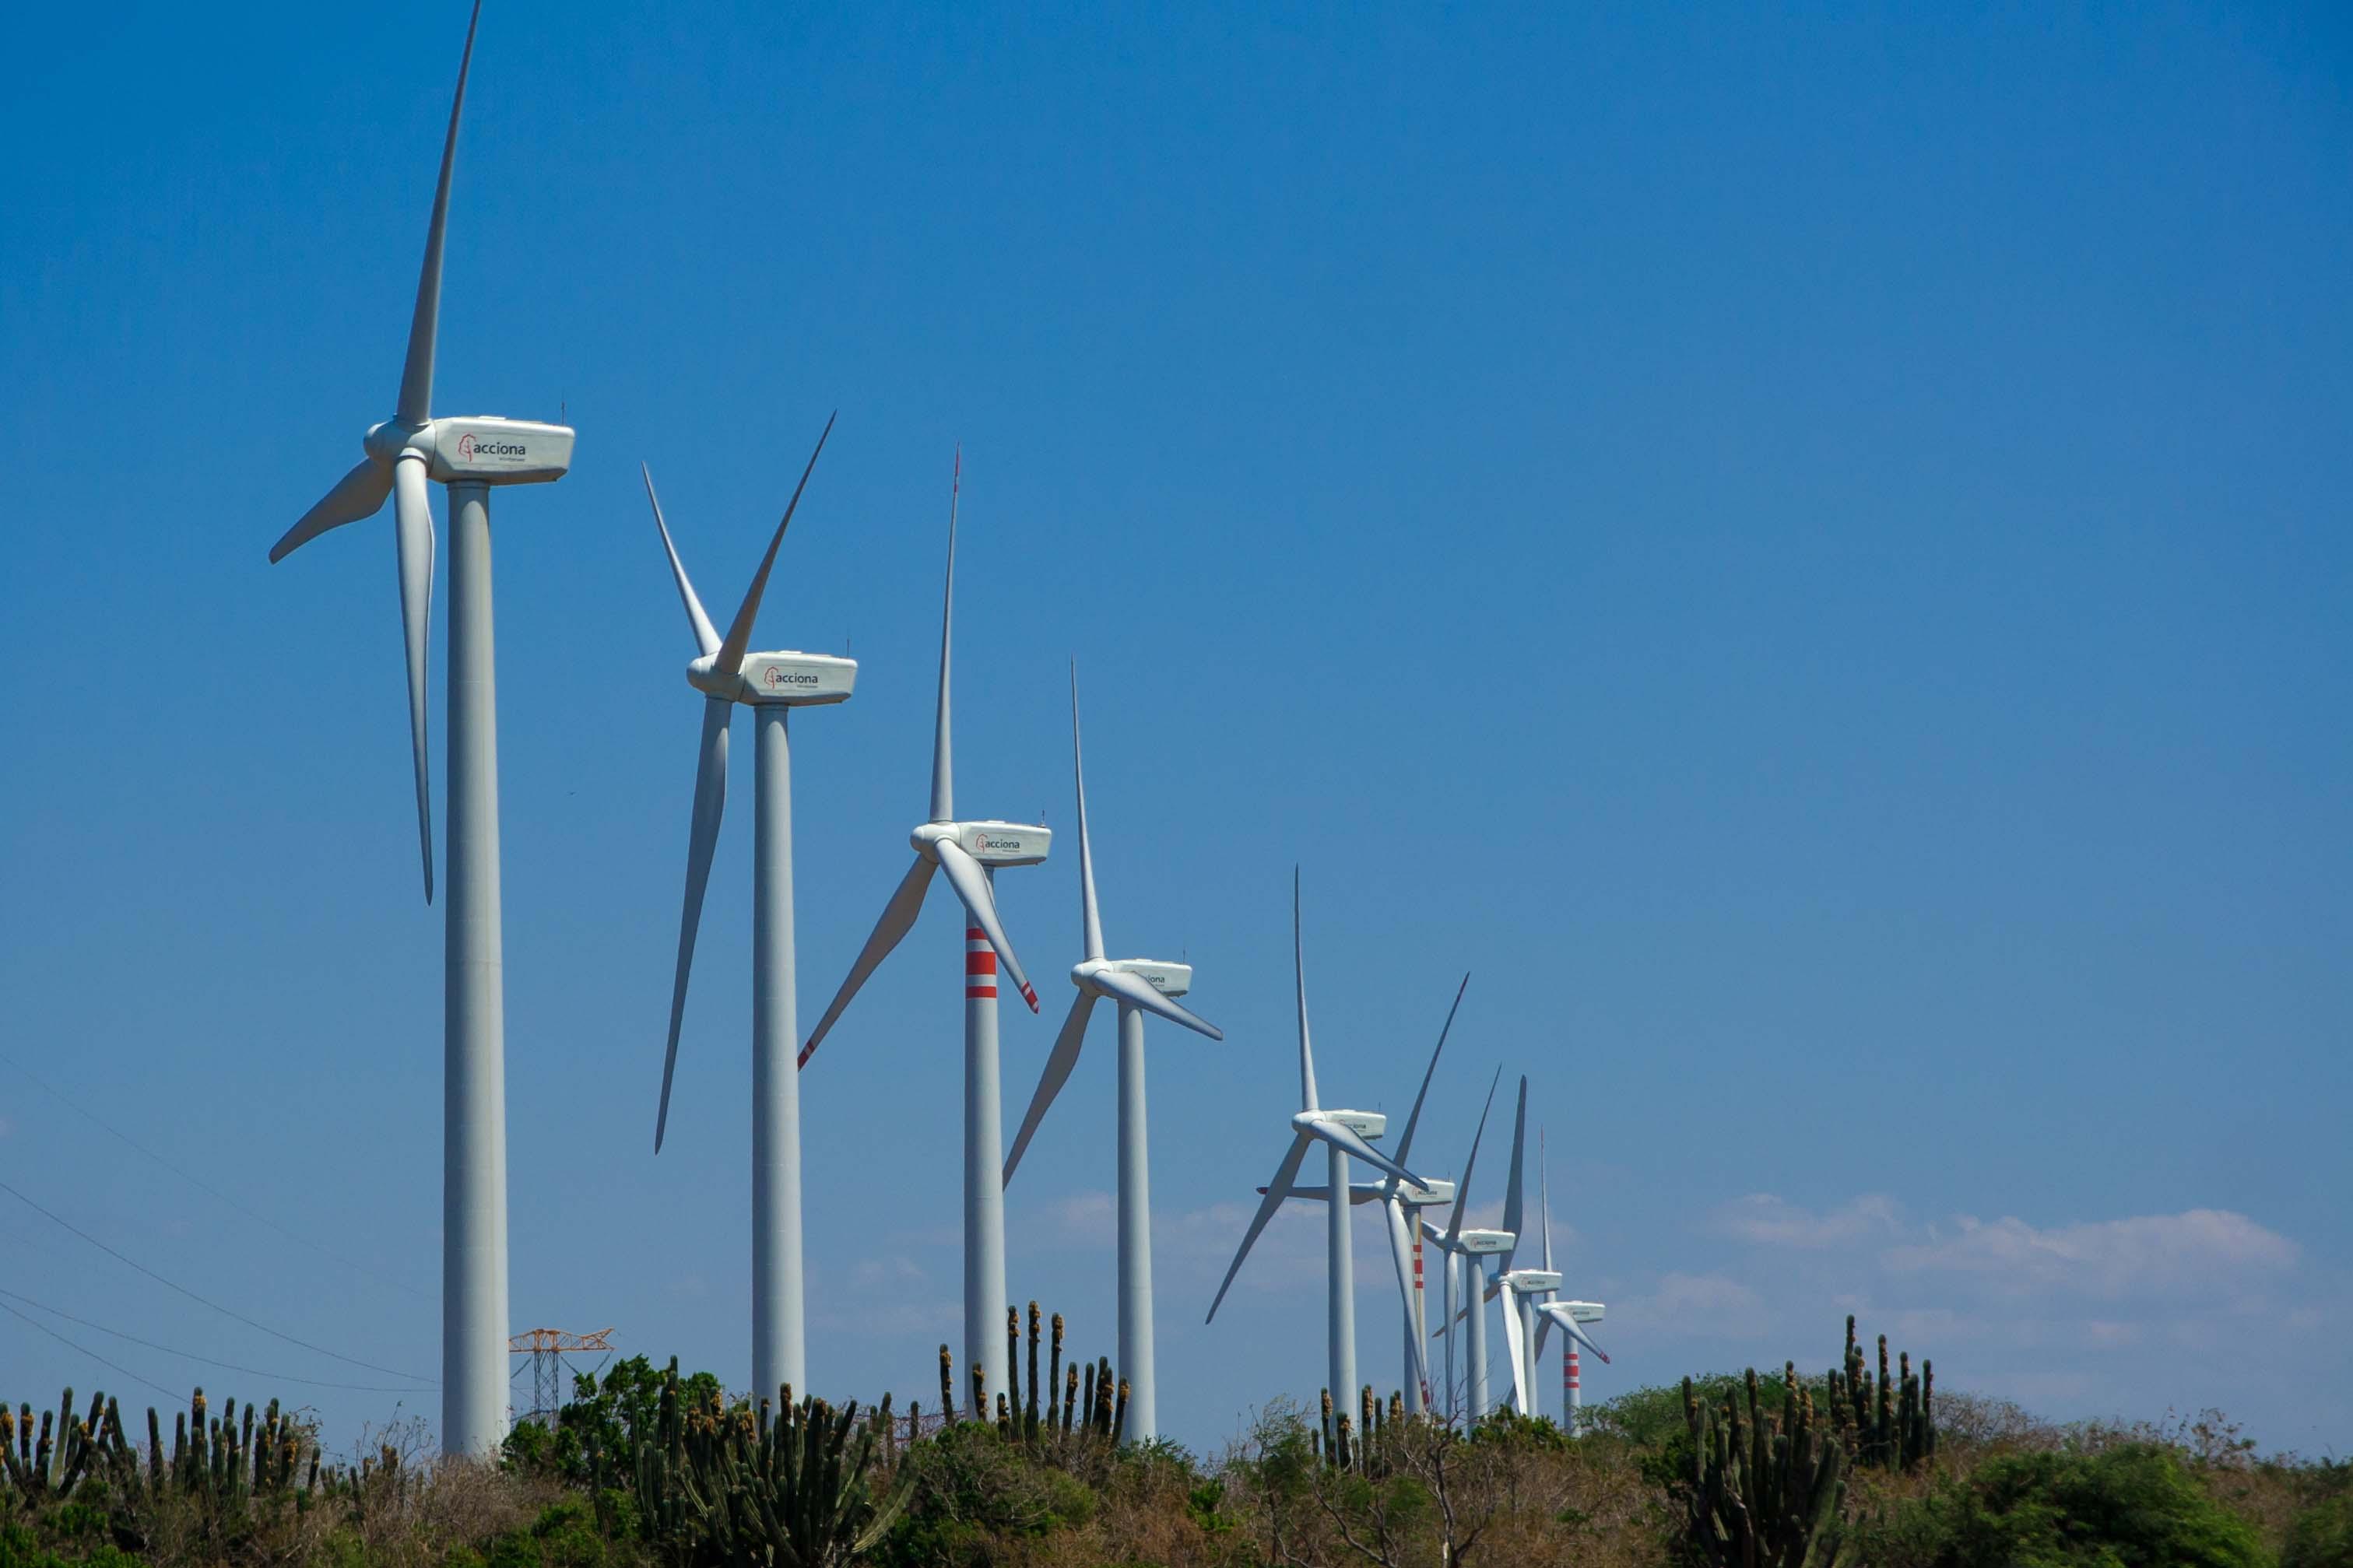 Reiteran autoridades estatales respaldo al proyecto del Parque Eólico en Cozumel